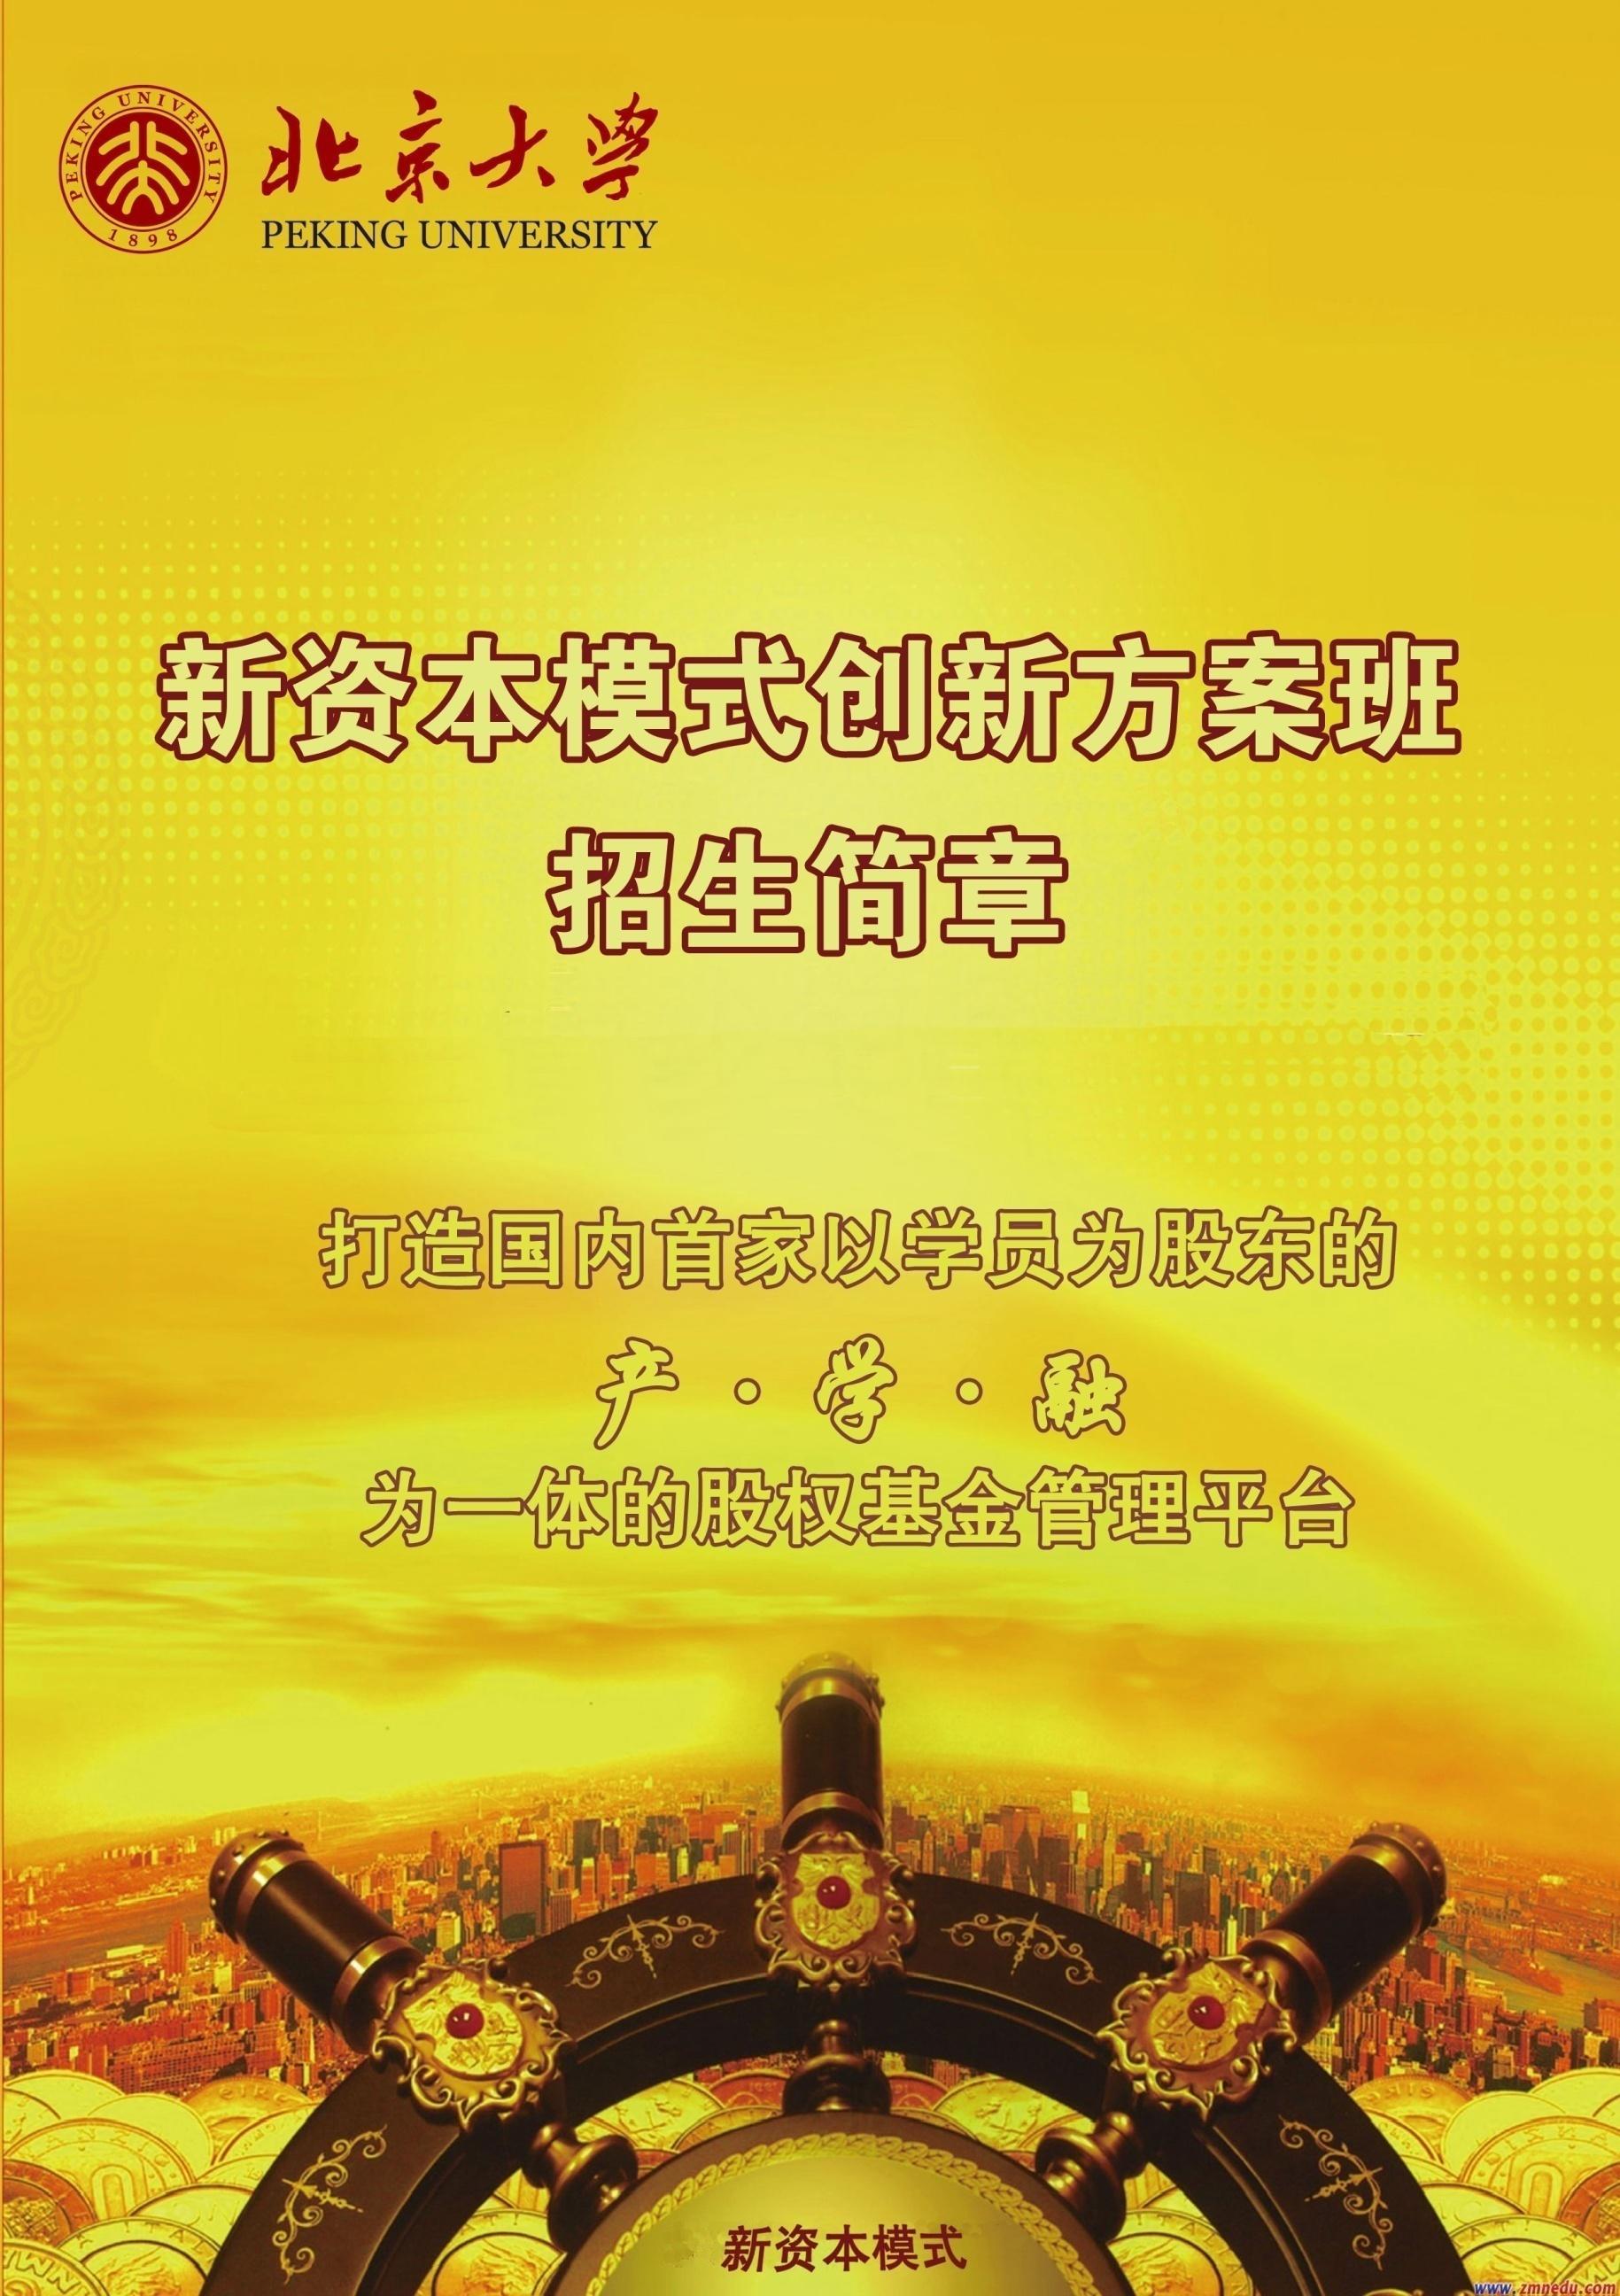 北京大学新资本模式创新方案班 北大新资本模式创新方案班 北大资本模式创新班